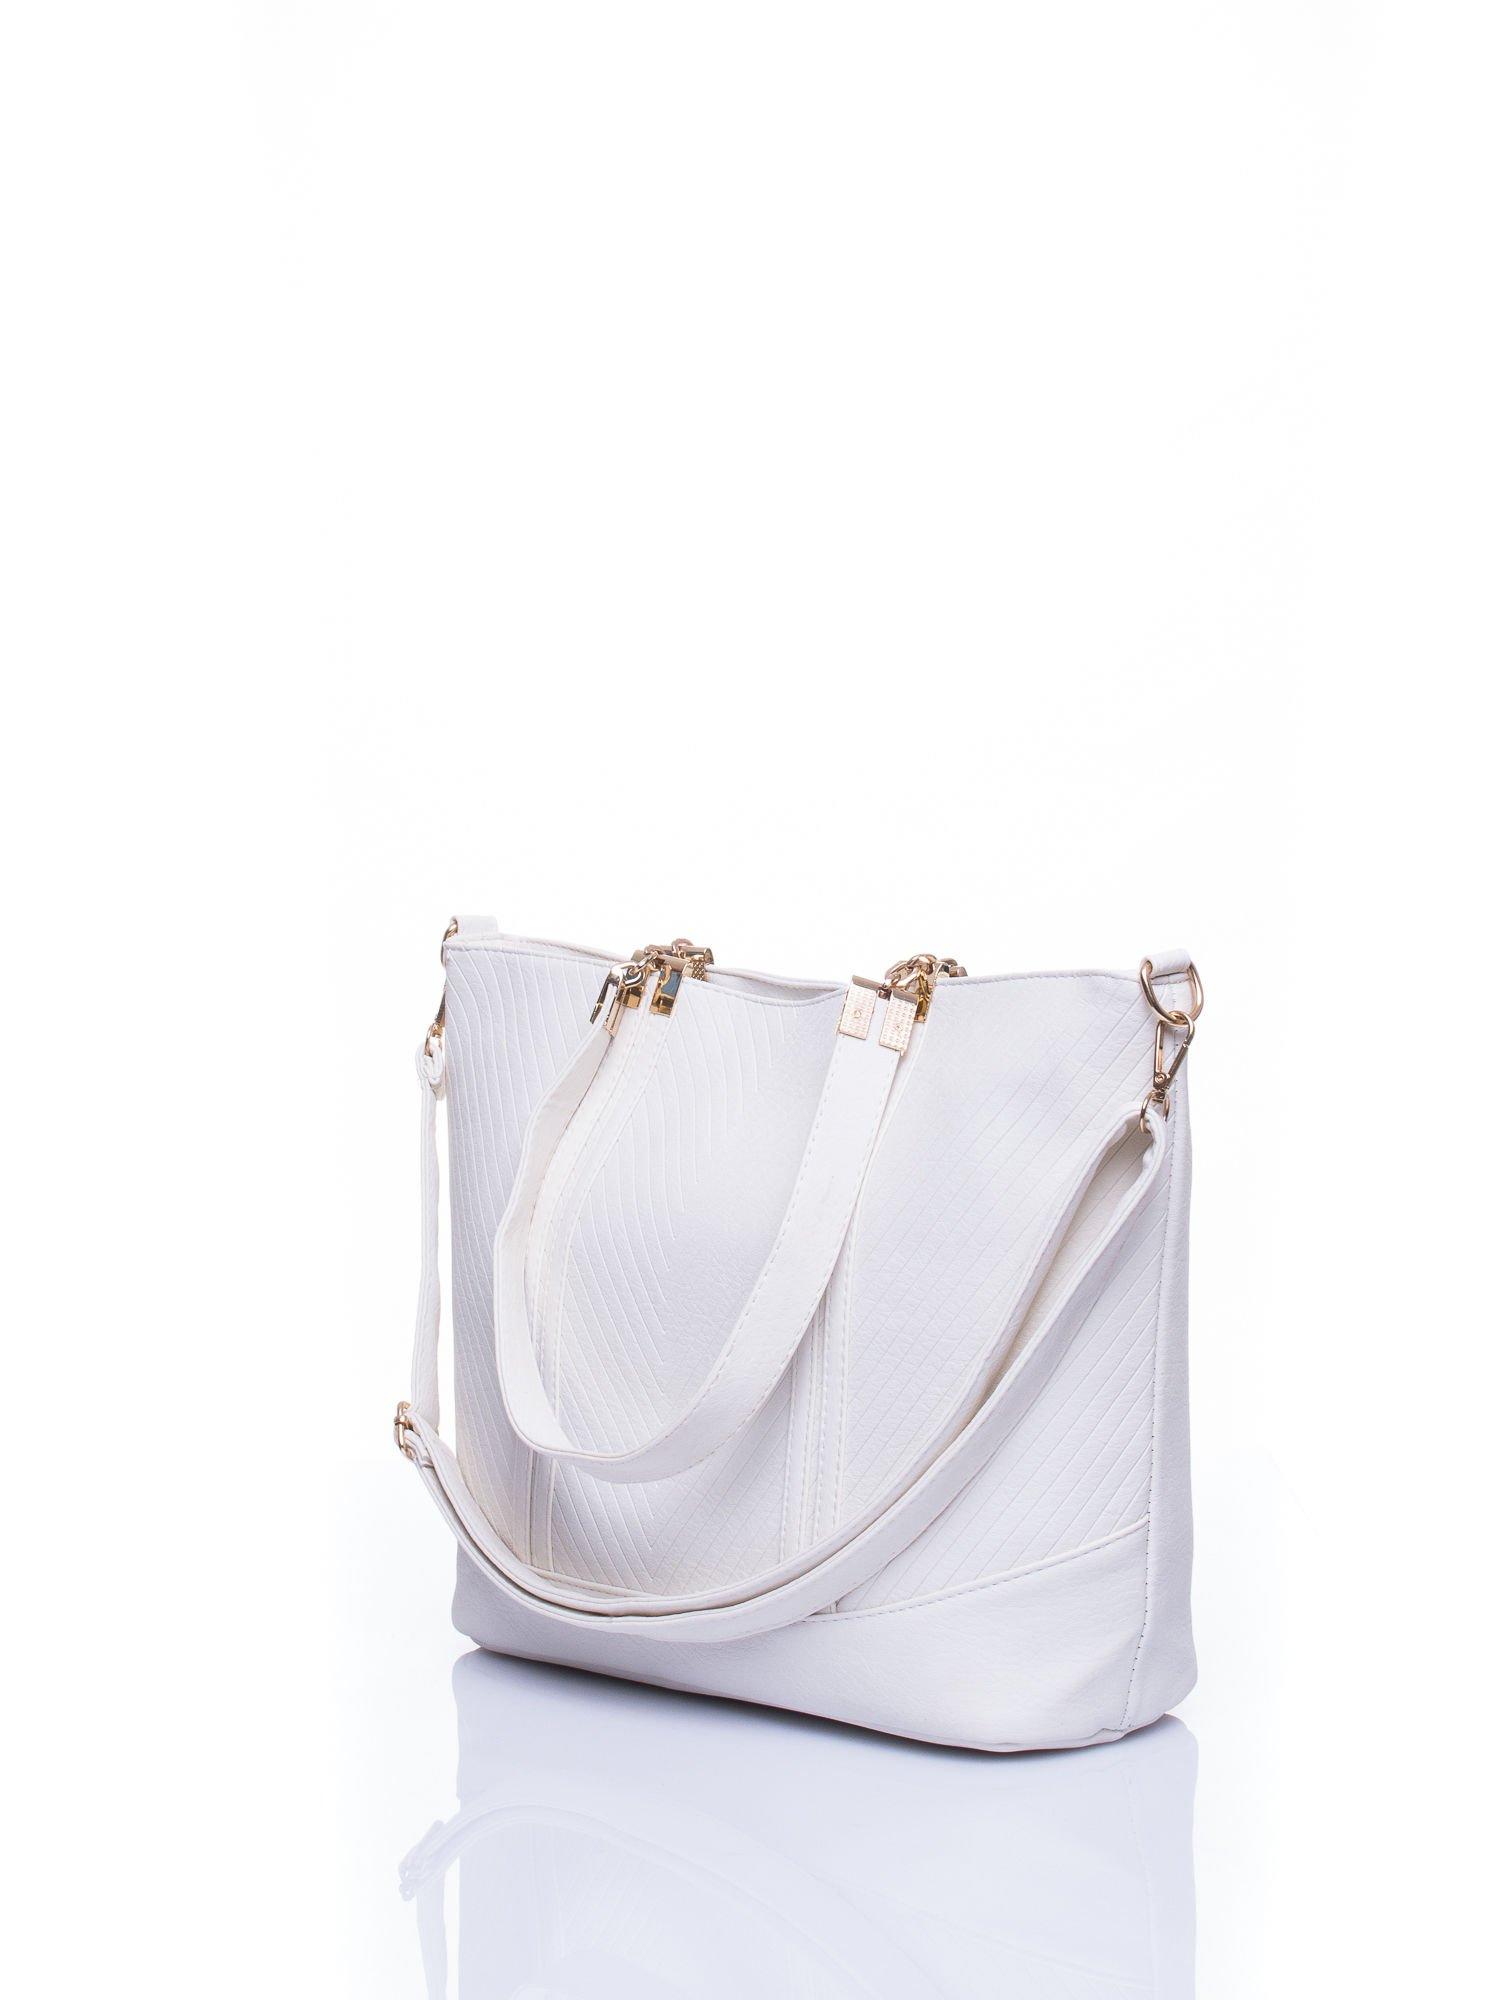 Biała fakturowana torebka damska ze złotymi okuciami                                  zdj.                                  4